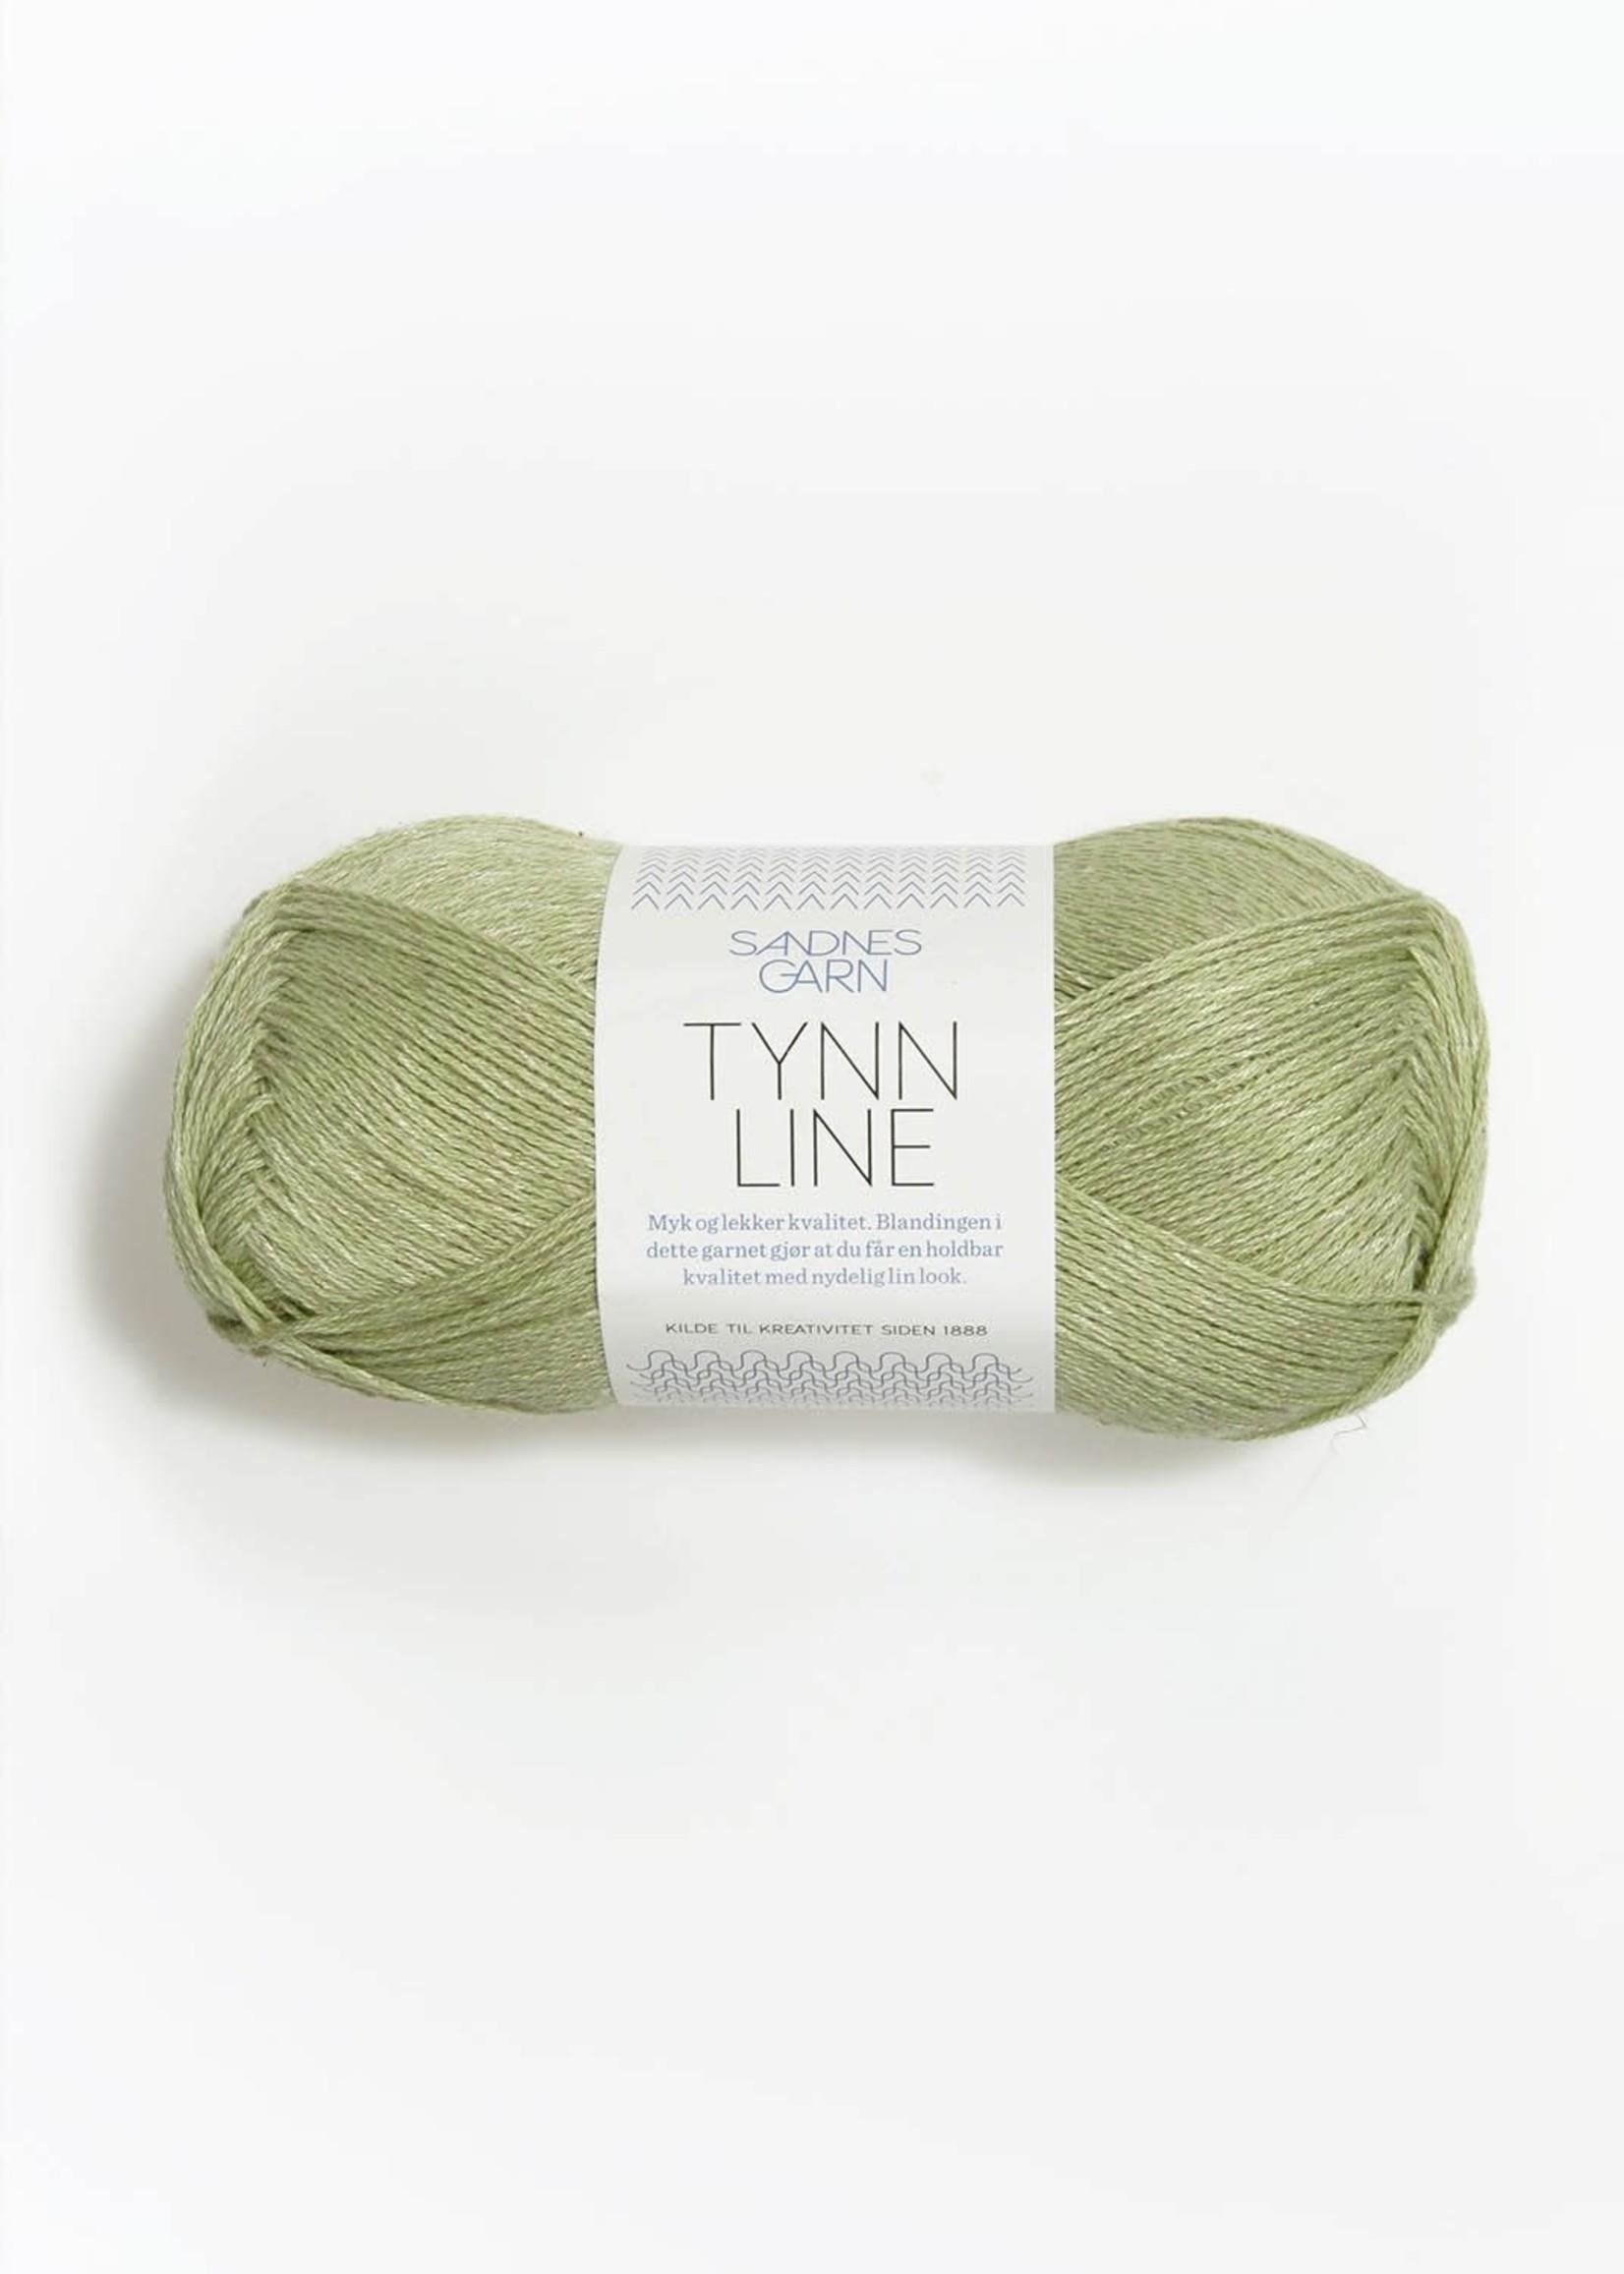 Sandnes Garn Tynn Line - Lys Gronn #9522